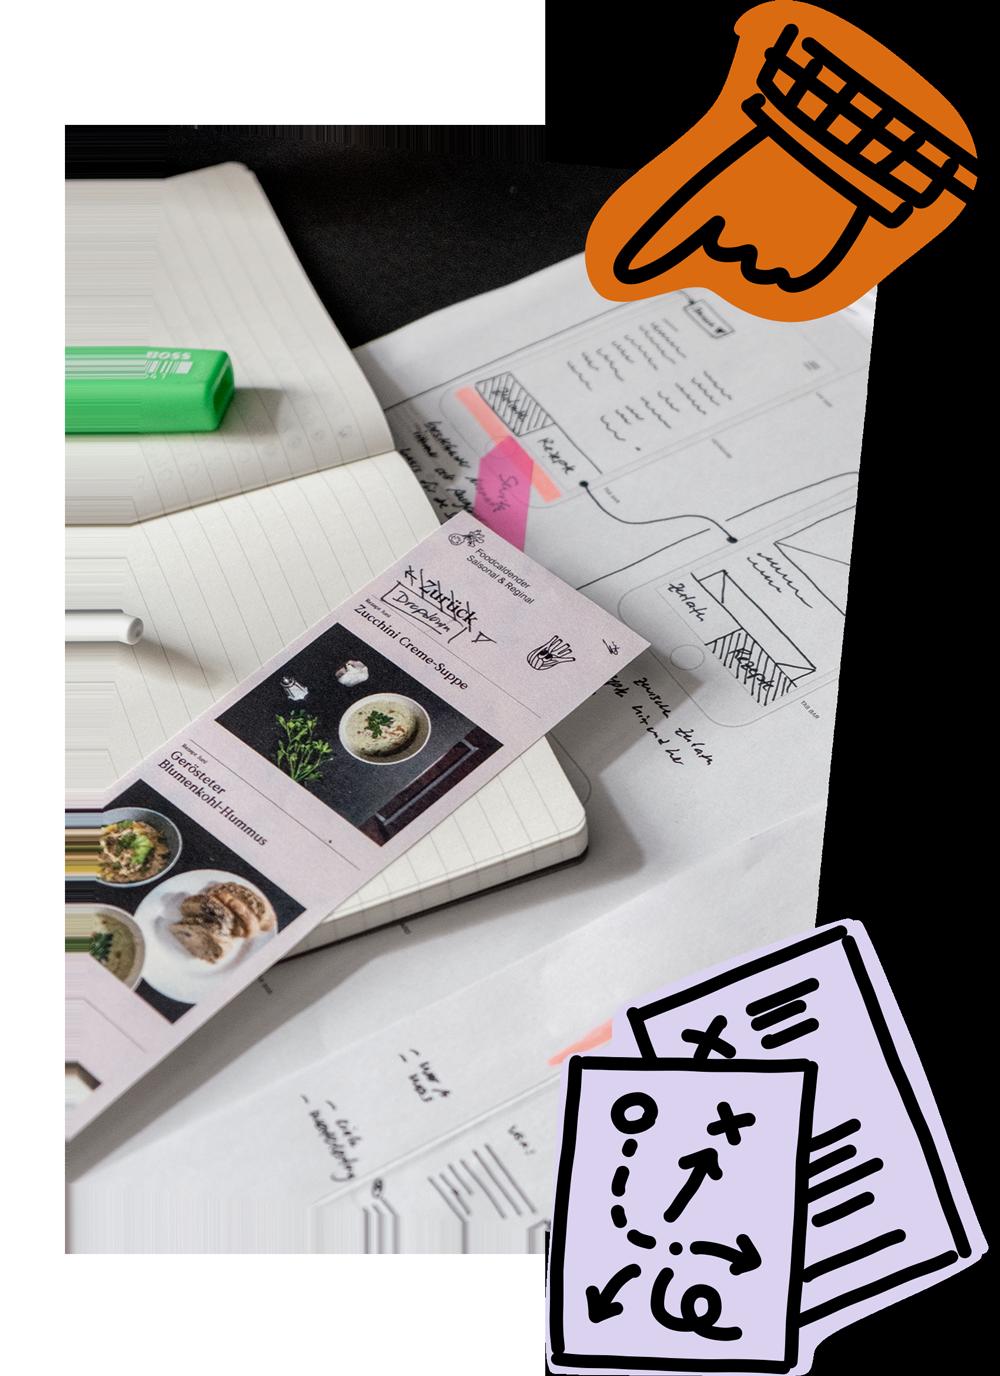 Arbeitsprozess, Entwicklung einer Website